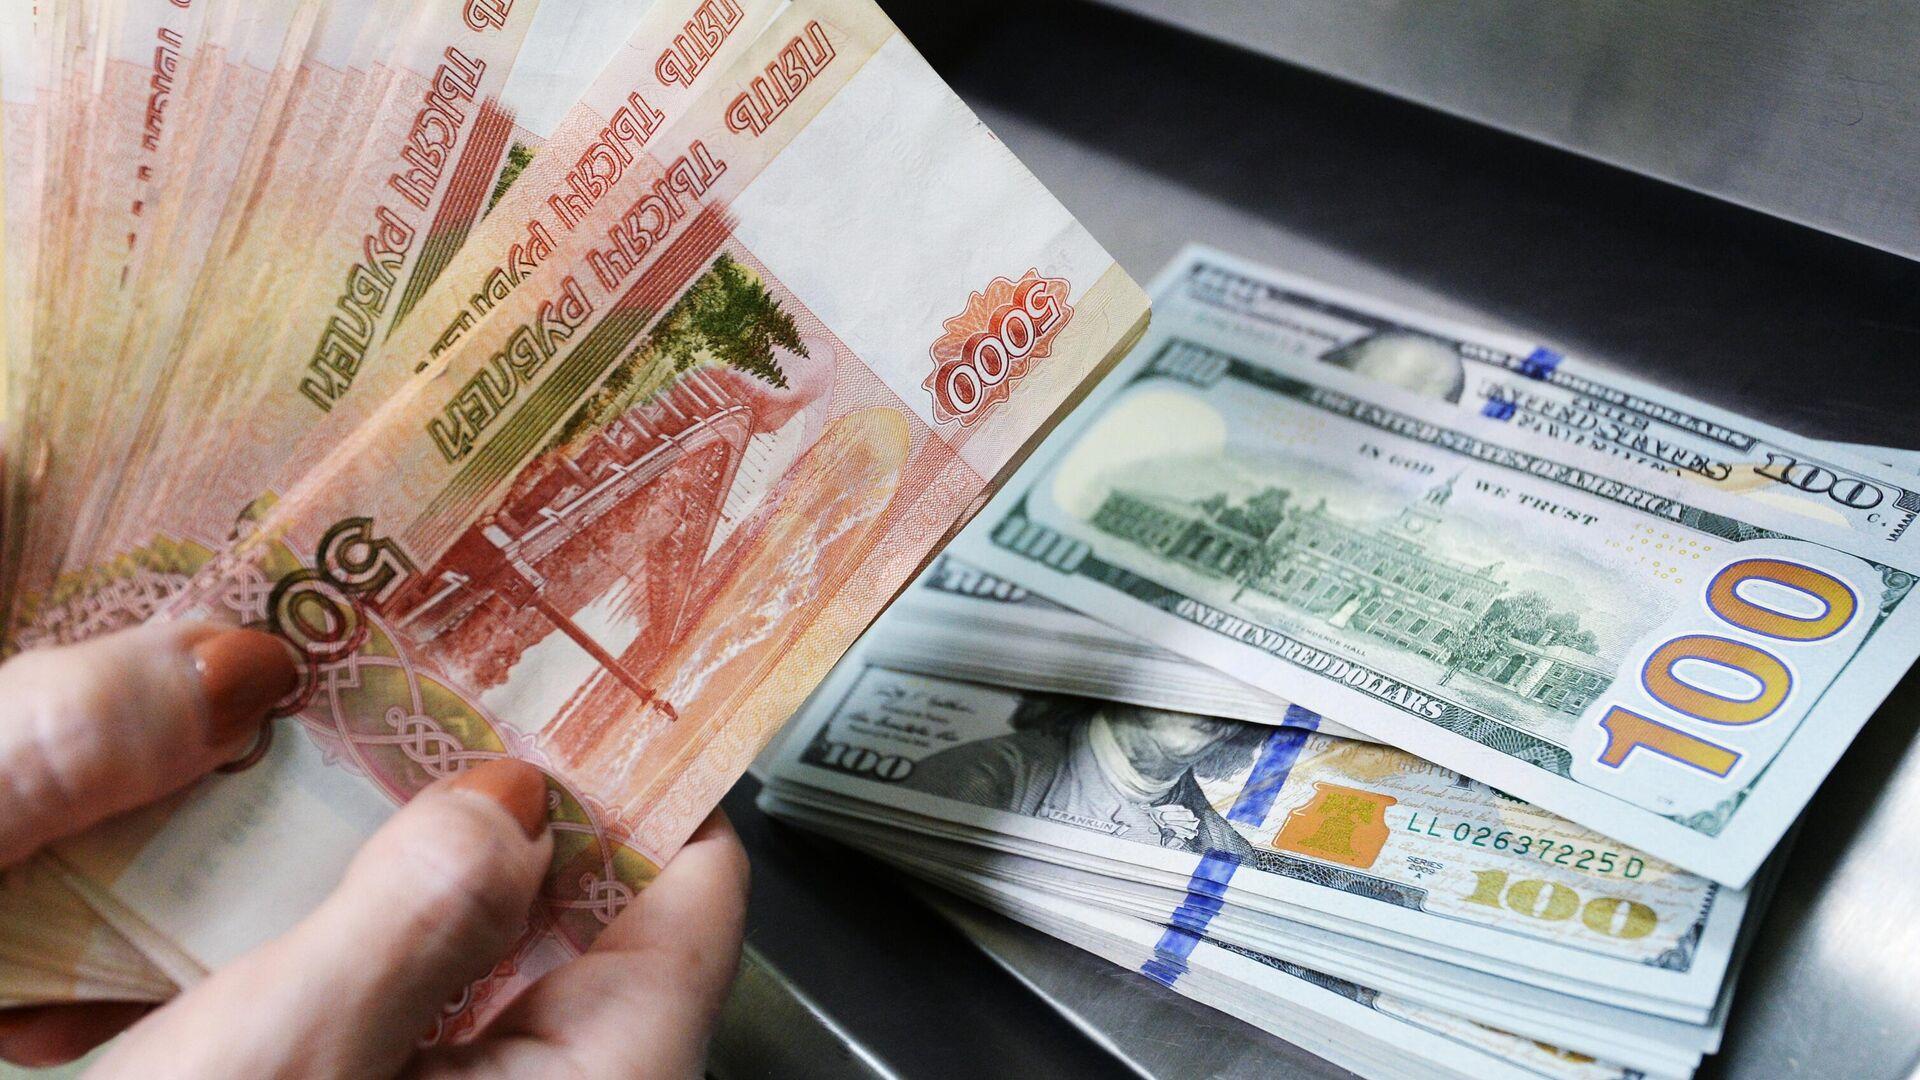 Доллары США и рубли - РИА Новости, 1920, 07.01.2021